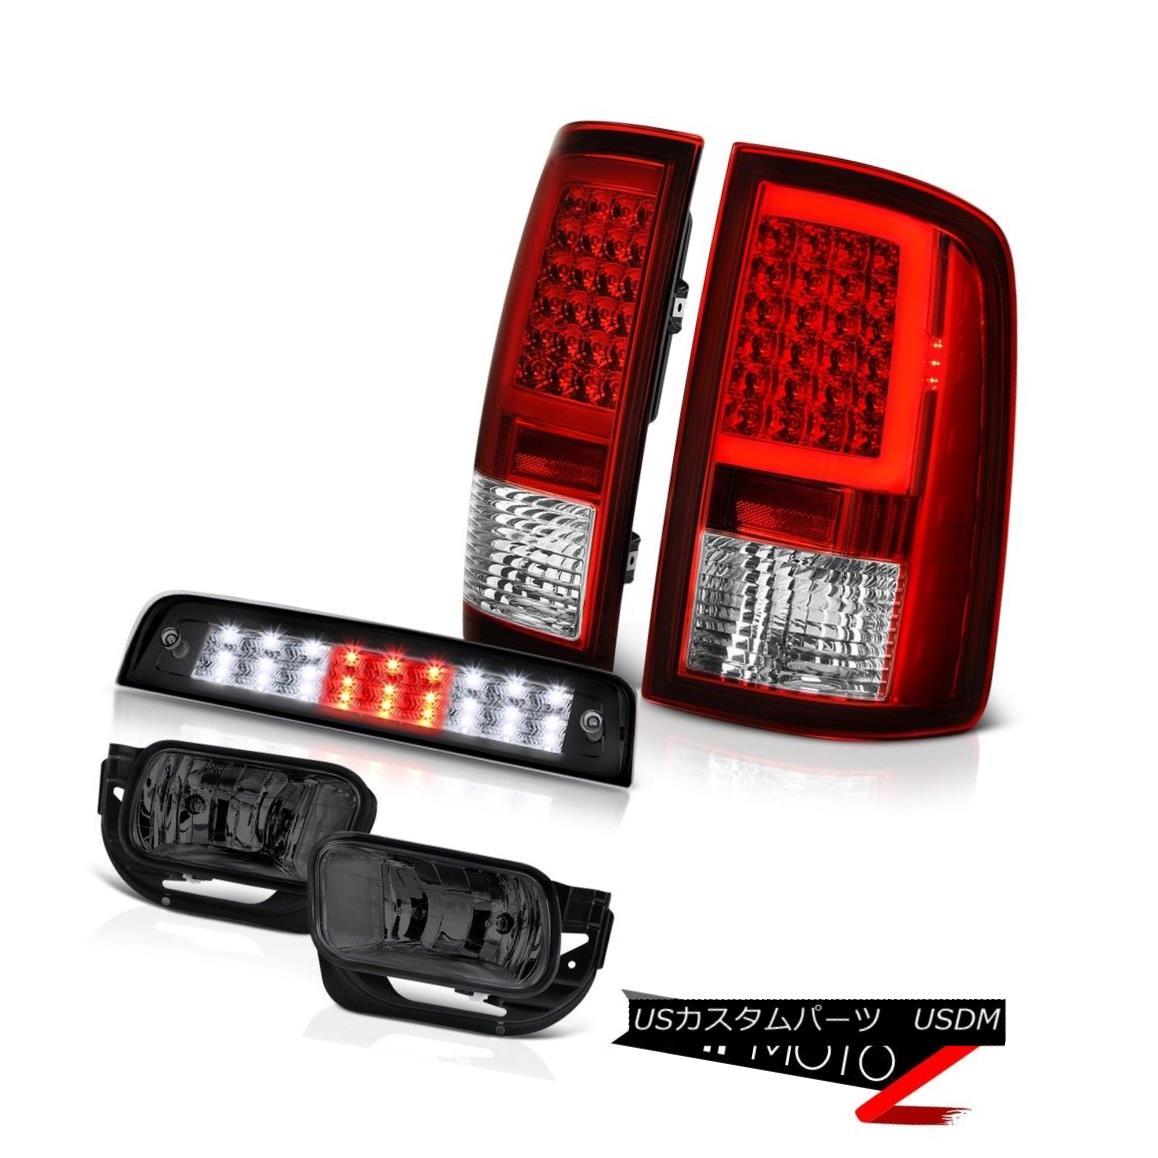 テールライト 09-18 Dodge RAM 2500 Brake Lights Red Fiber Optic Tail Light Fog Lamp Assembly 09-18ダッジRAM 2500ブレーキライト赤色光ファイバテールライトフォグランプアセンブリ